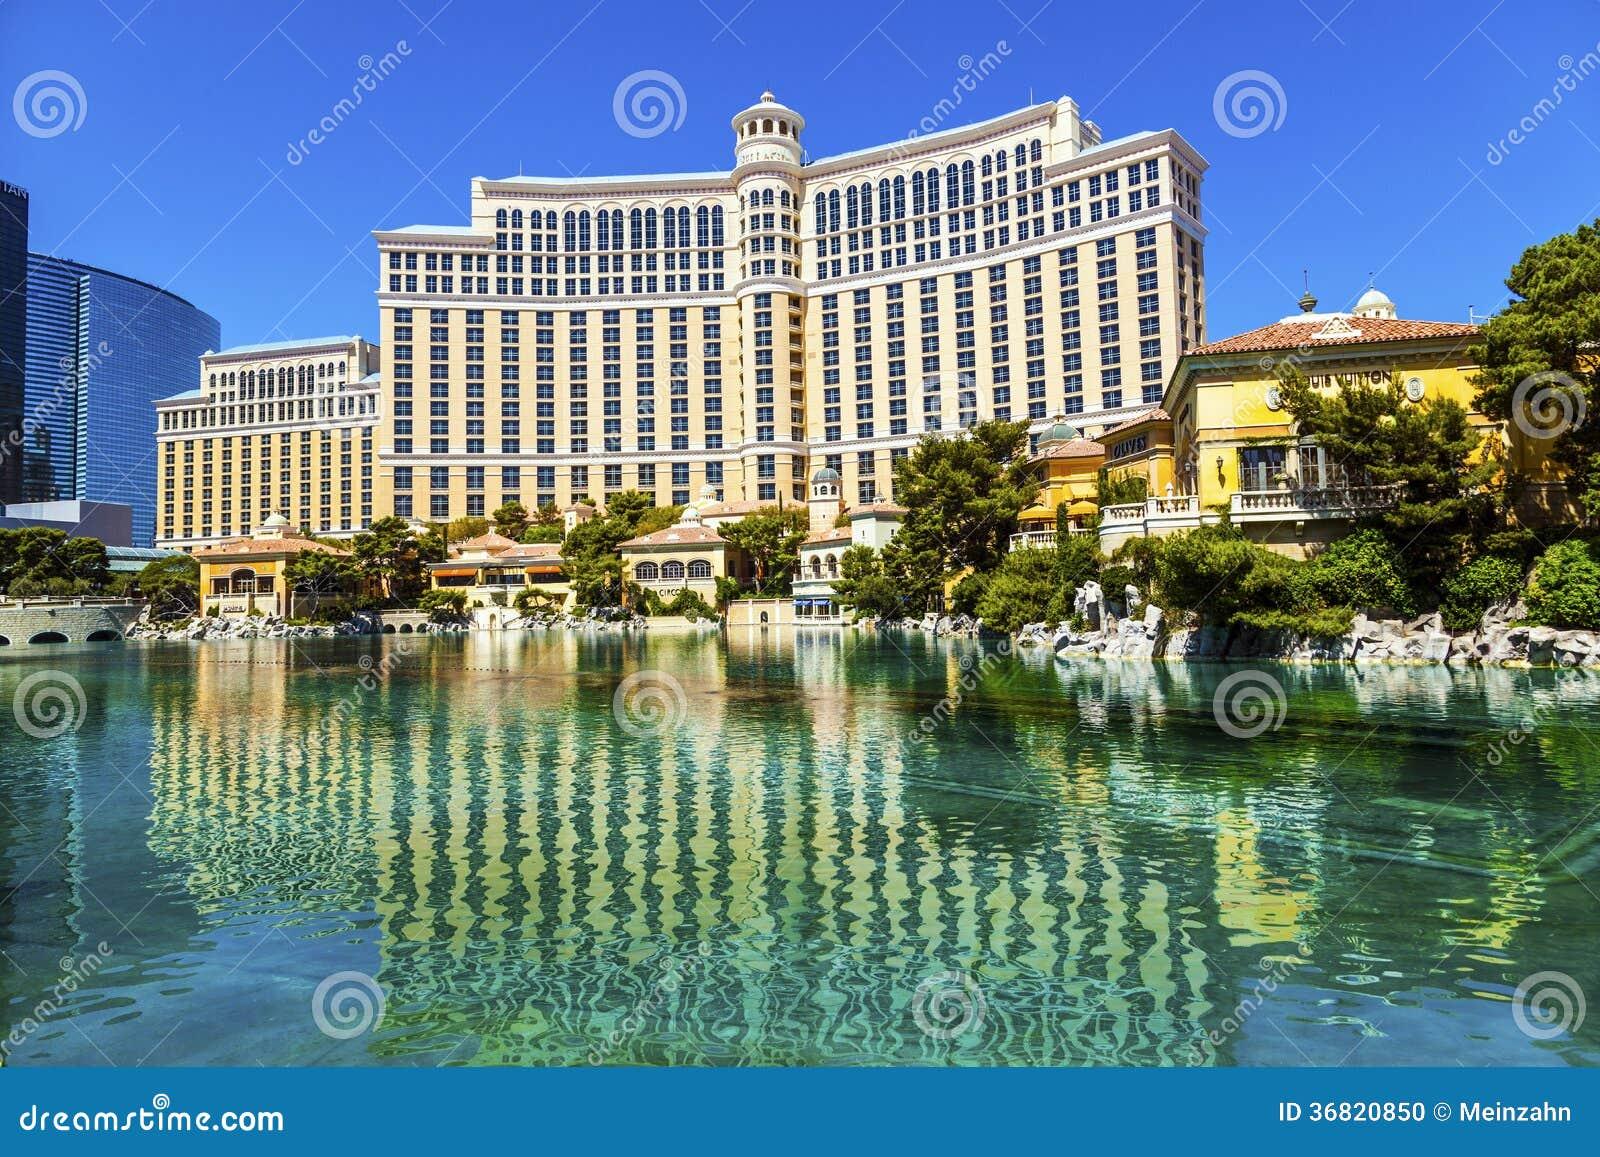 Luksusowy hotel Bellagio w Las Vegas